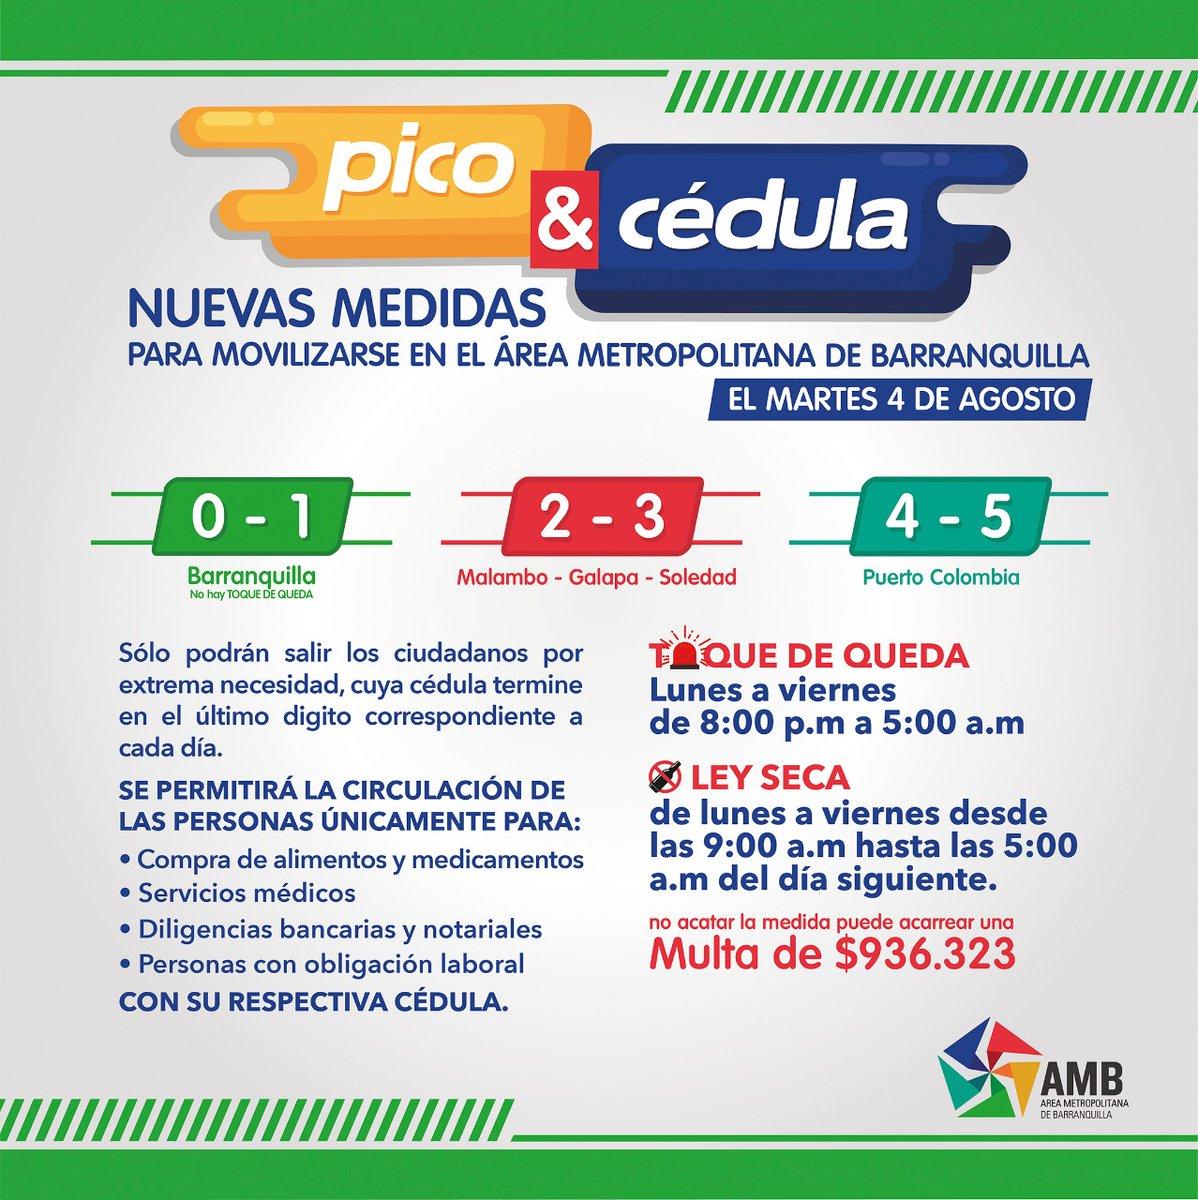 """¡Buenos días! ☀️ Le recordamos el """"Pico y Cédula"""" entre B/quilla y su Área Metropolitana para aquellas personas, cuya cédula termine en el último dígito correspondiente a cada día.  📍Barranquilla: 0️⃣ y 1️⃣  📍Malambo, Galapa y Soledad: 2️⃣ y 3️⃣  📍Puerto Colombia: 4️⃣ y 5️⃣ https://t.co/ypkk80V1rW"""